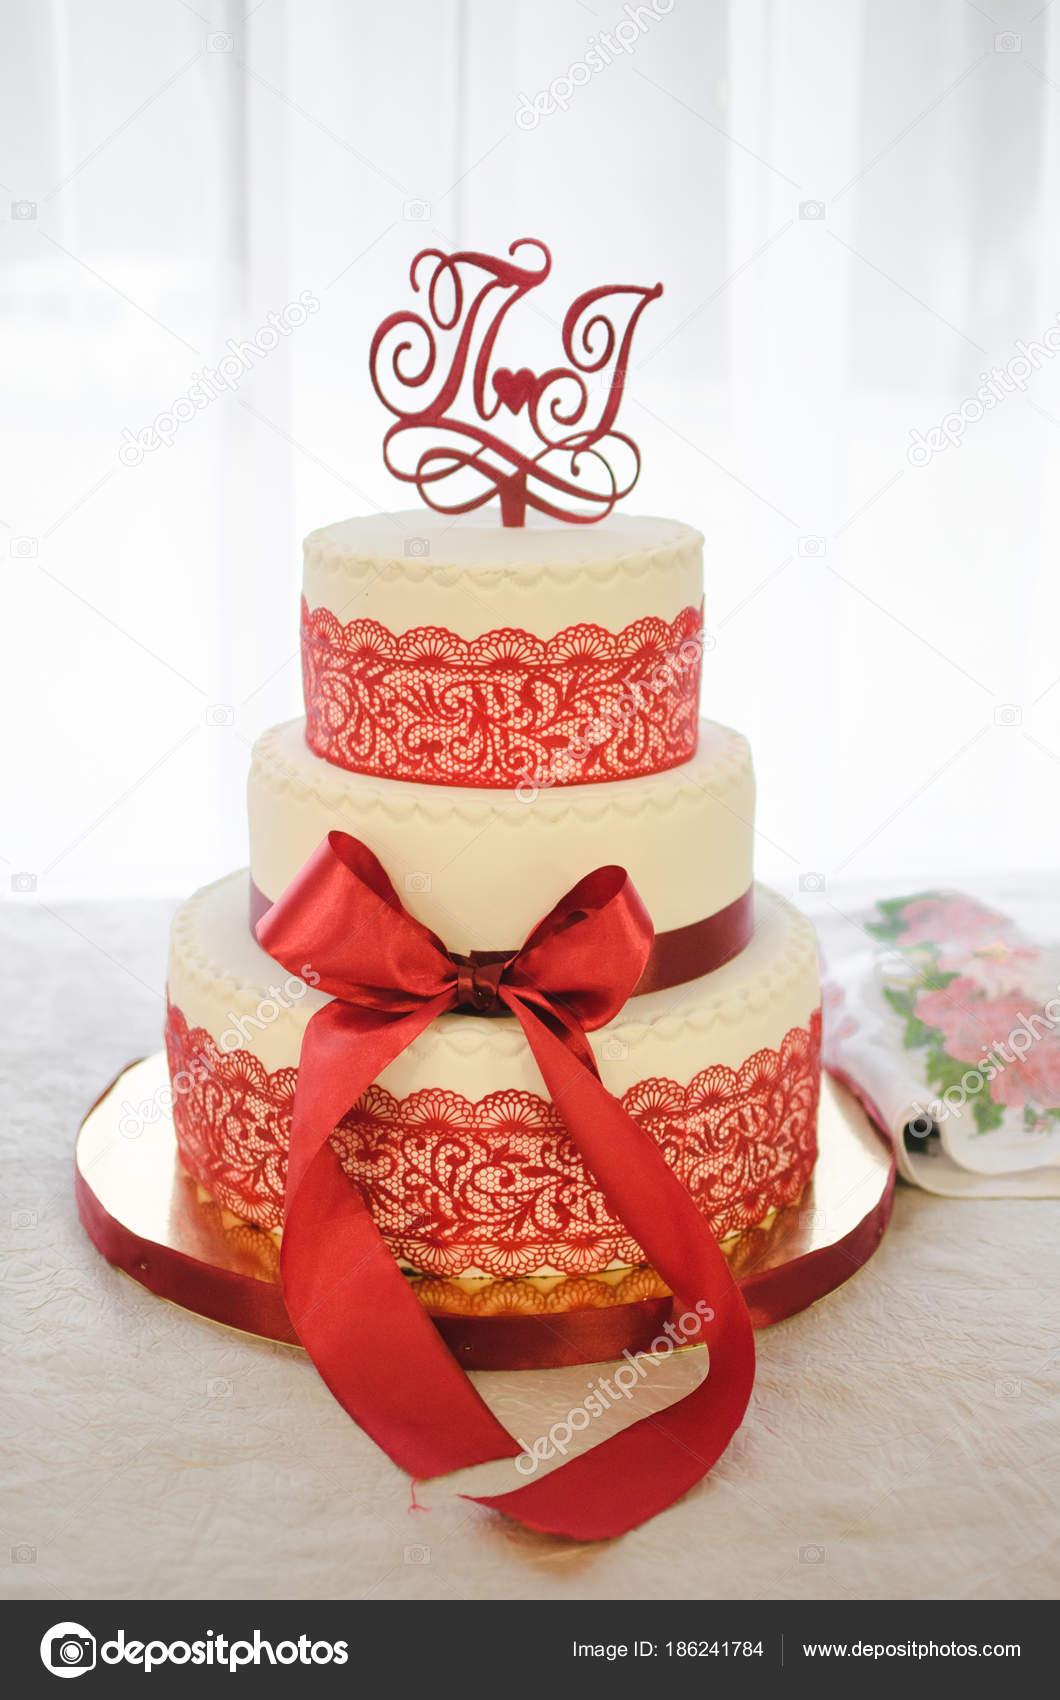 Hochzeitstorte Hochzeitstorte Rot Stockfoto C Mryakovlev 186241784